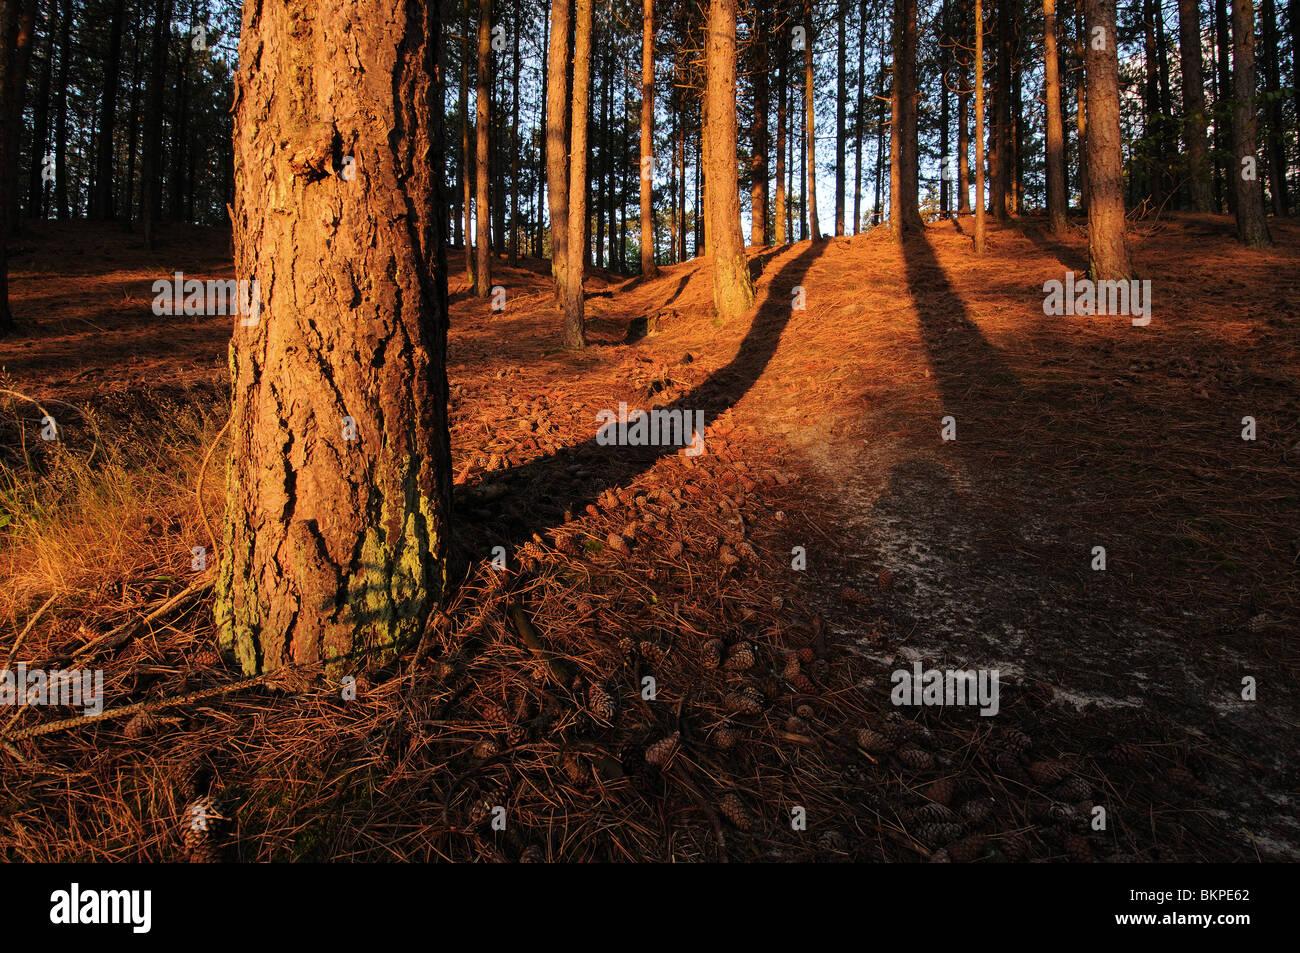 Zacht en warm ochtendlicht op boomstammen in naaldbos met lange schaduwen tijdens zonsopkomst; Soft and warm morninglight - Stock Image